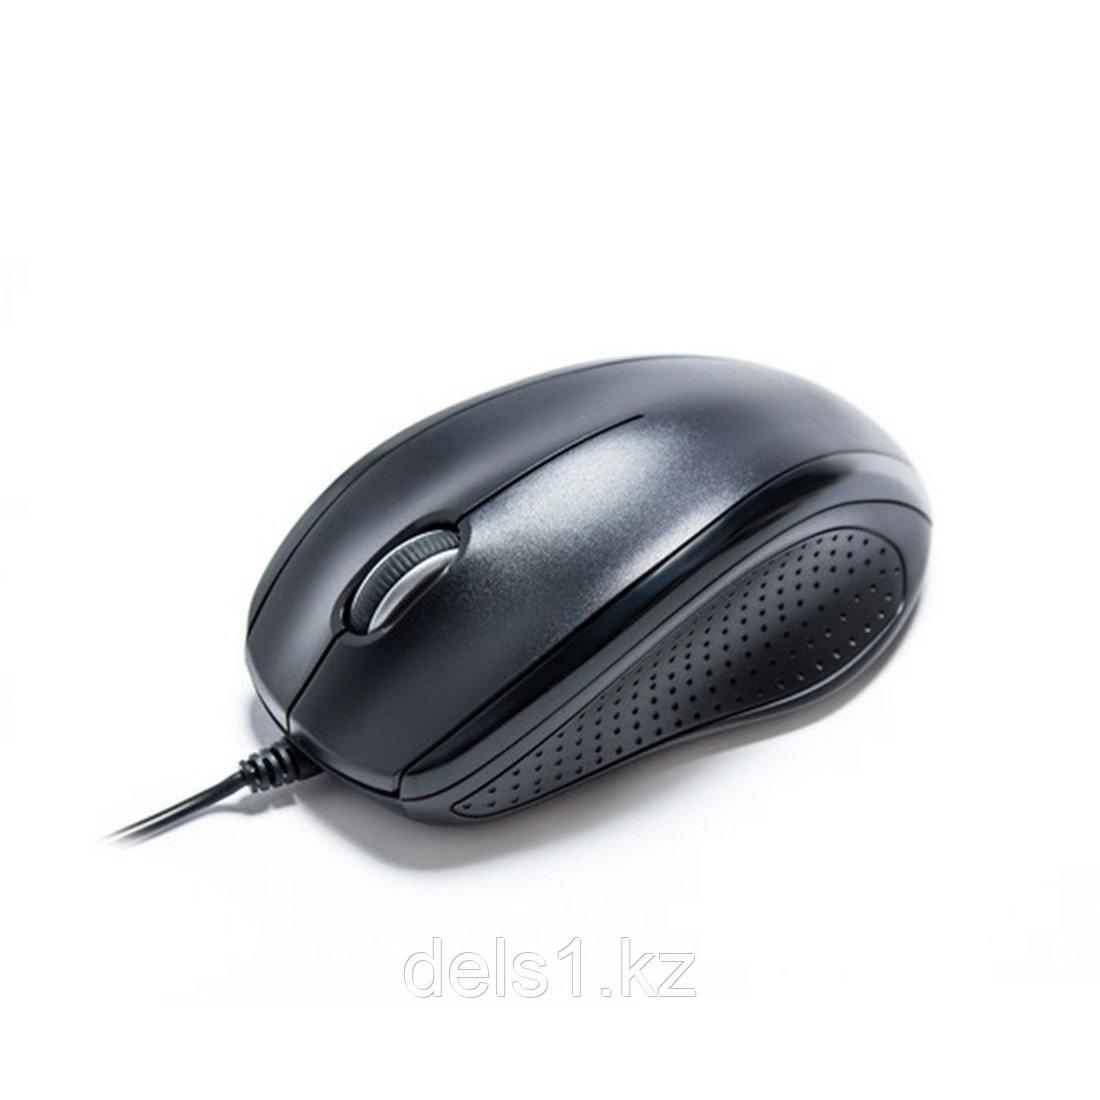 Мышь, Delux, DLM-396OUB, 3D, Оптическая, 1000dpi, USB, Длина кабеля 1,6 метра, Размер: 113,6*79,4*39,5 мм.,